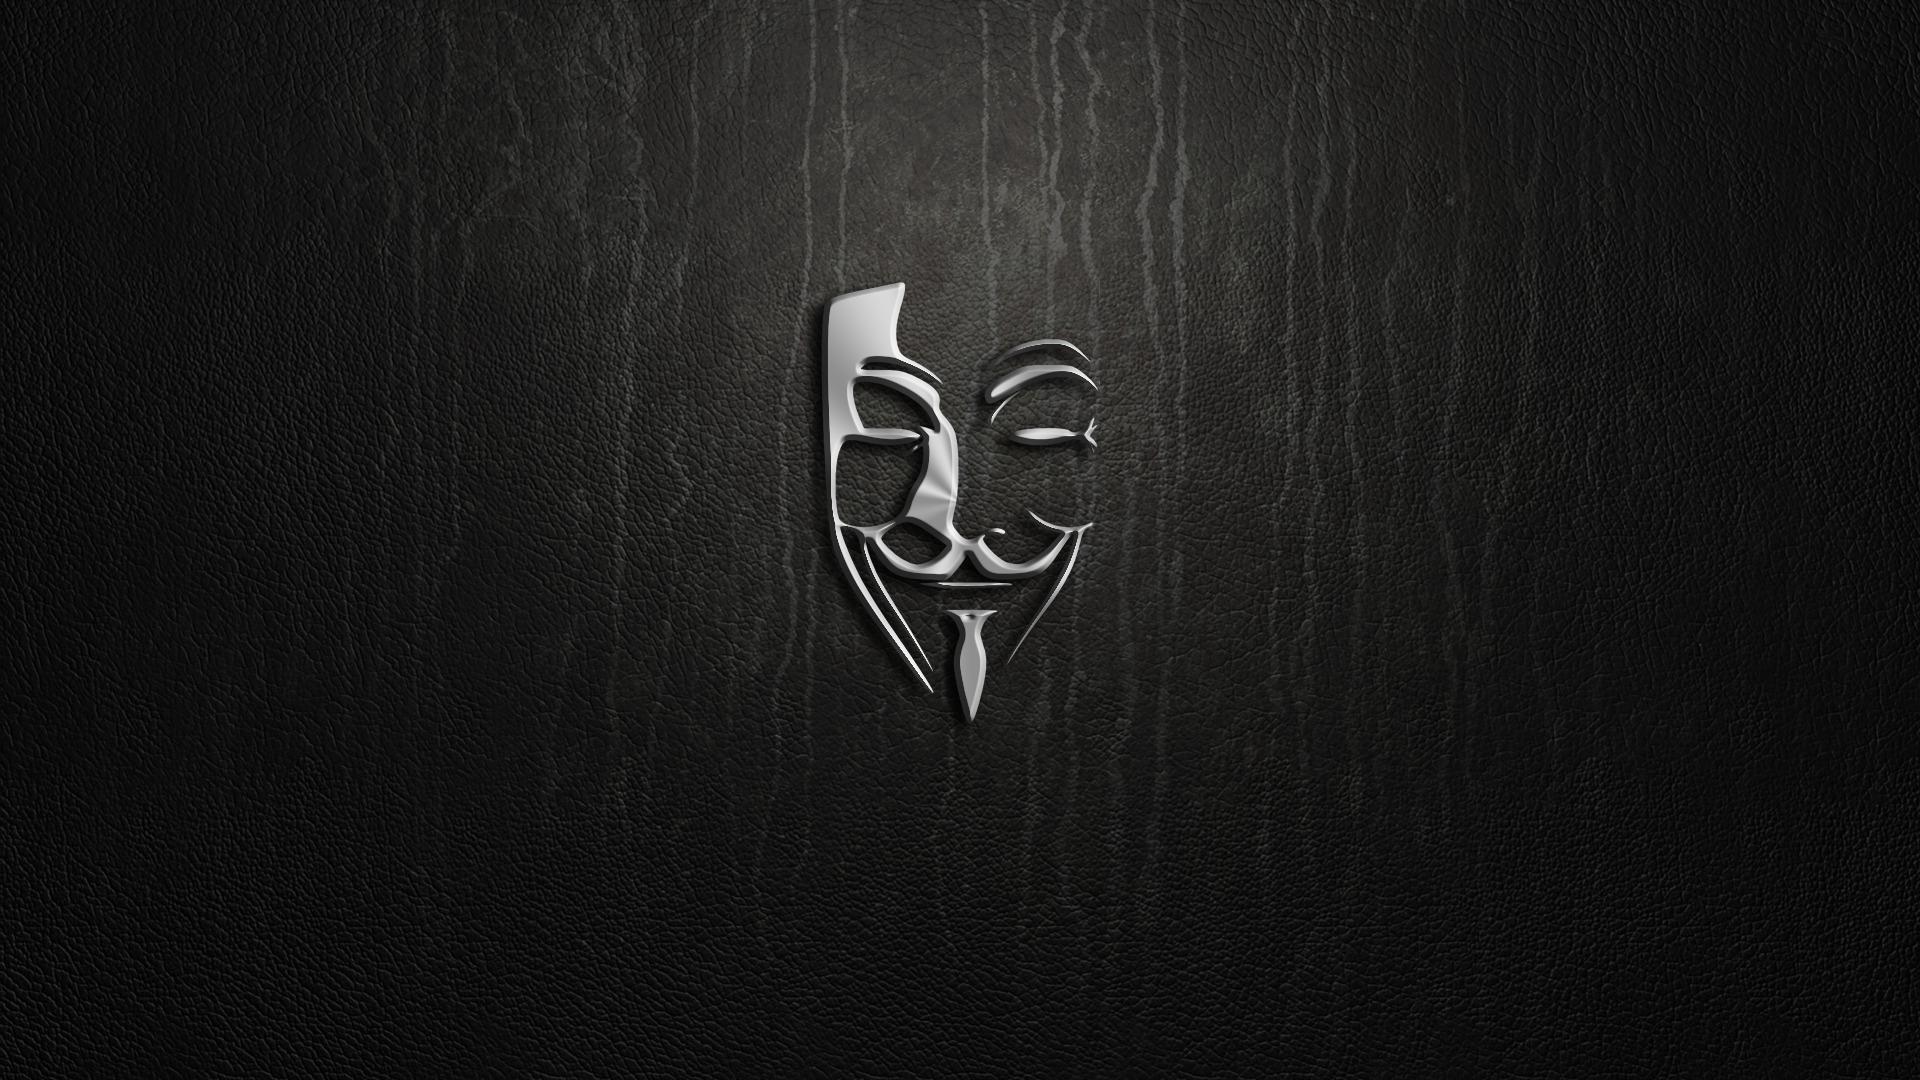 Papel De Parede Preto Alta Resolução Baixar: Papel De Parede : Monocromático, Texto, Logotipo, Hacking